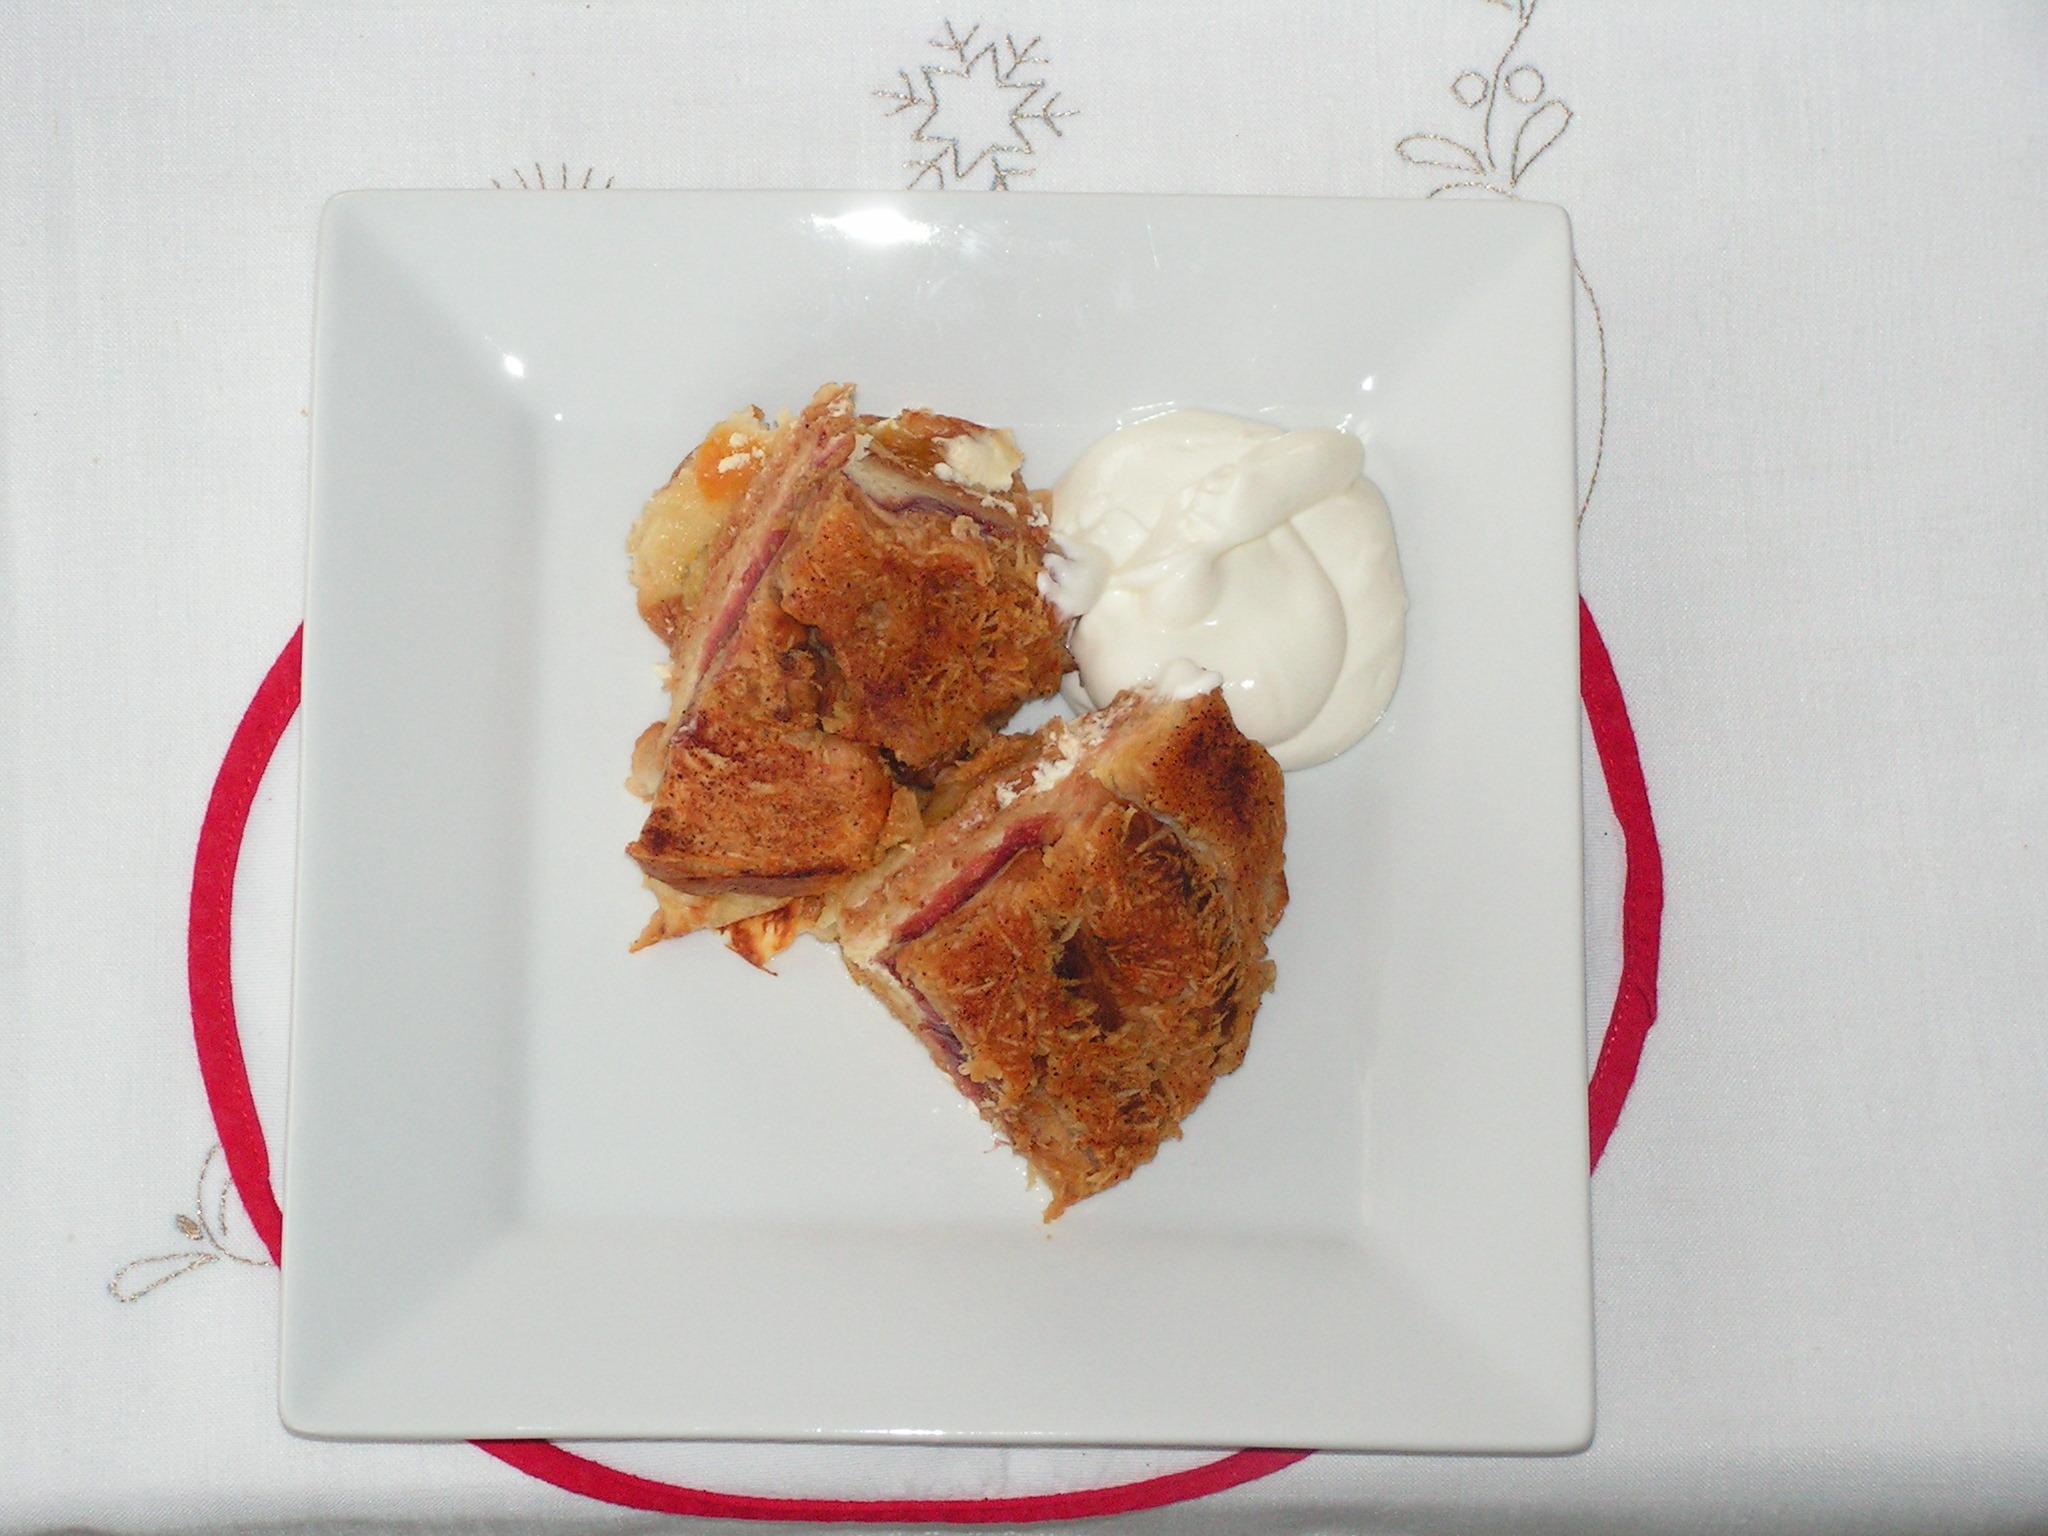 Recept Žemlovka - Žemlovka z jablek a vánočky